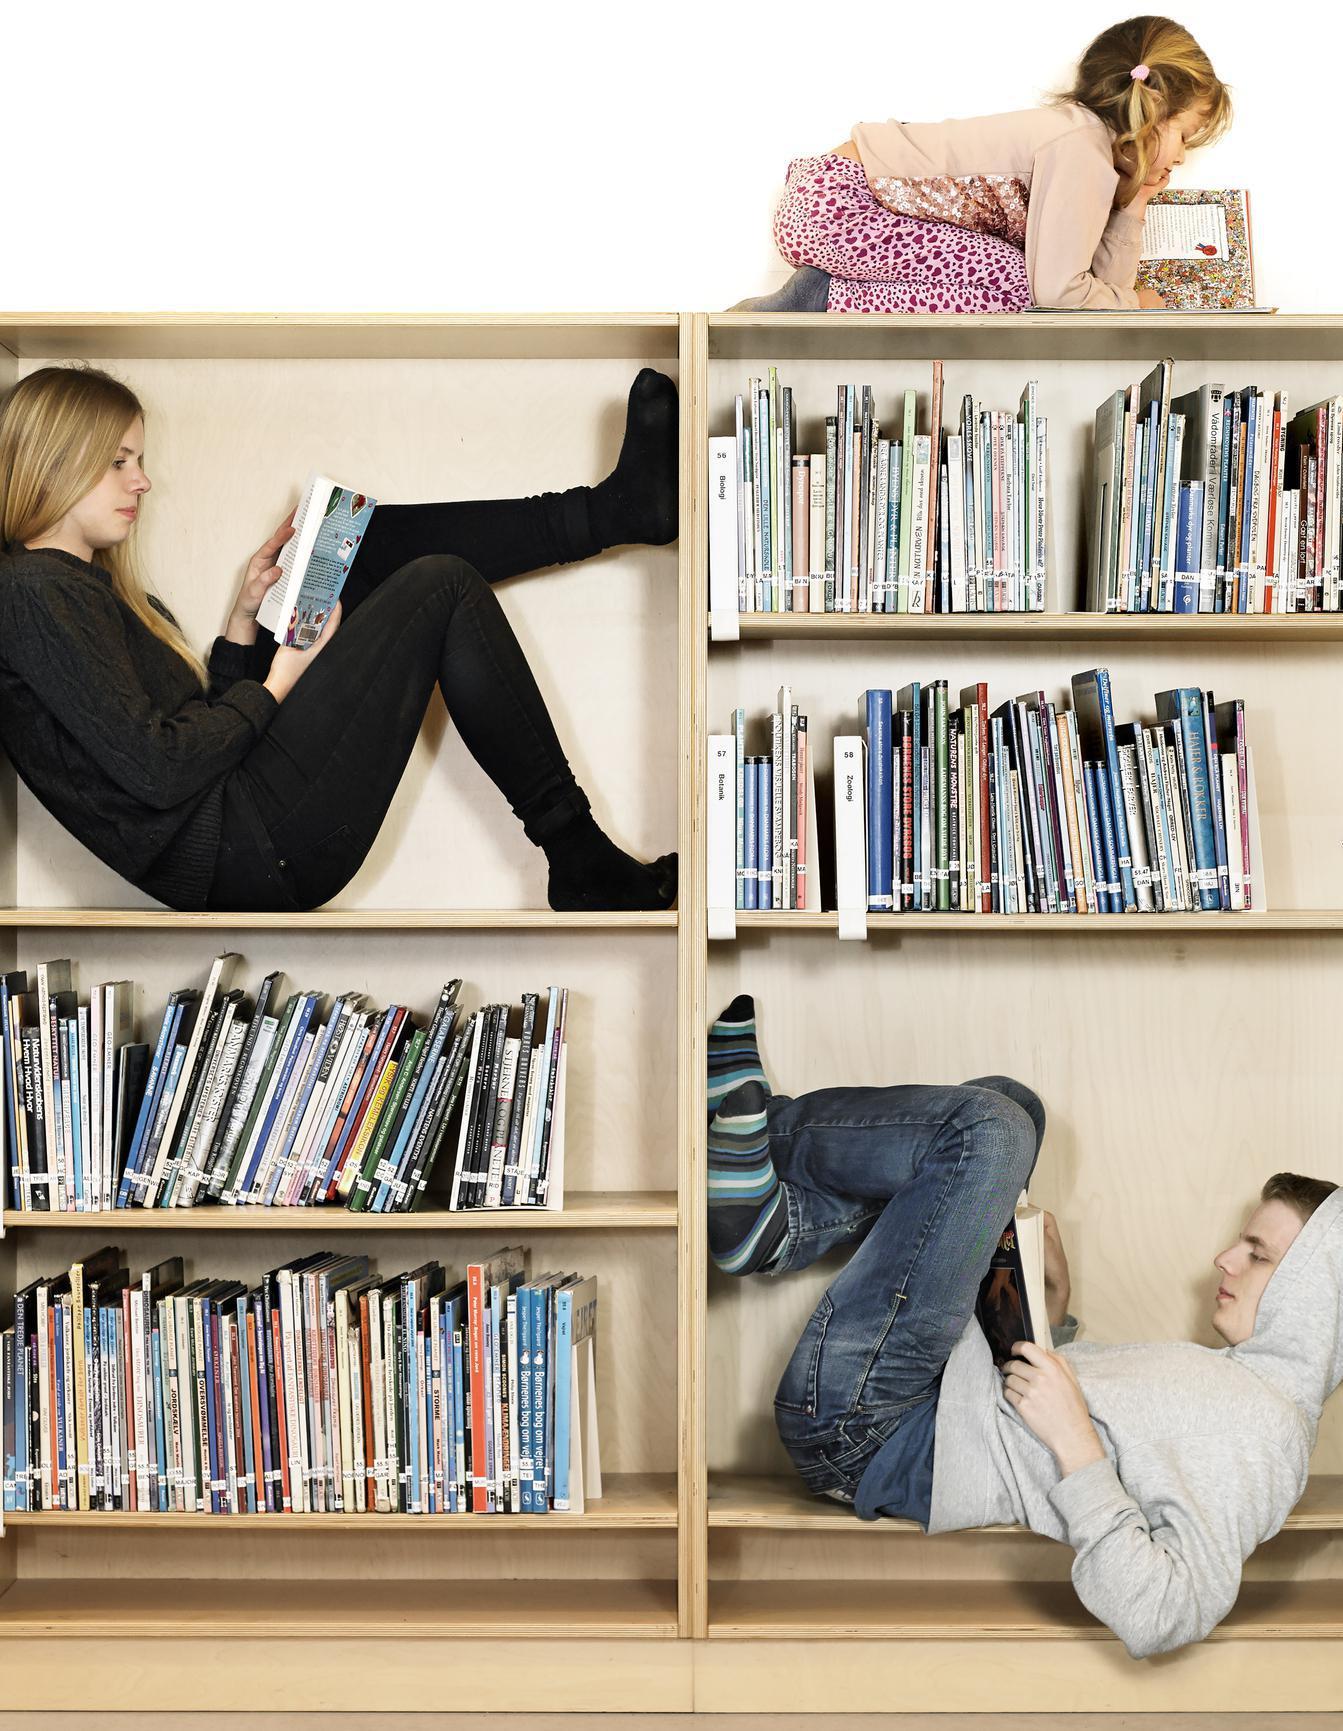 la lecture c 39 est bon pour la sant c 39 est scientifiquement prouv elle. Black Bedroom Furniture Sets. Home Design Ideas